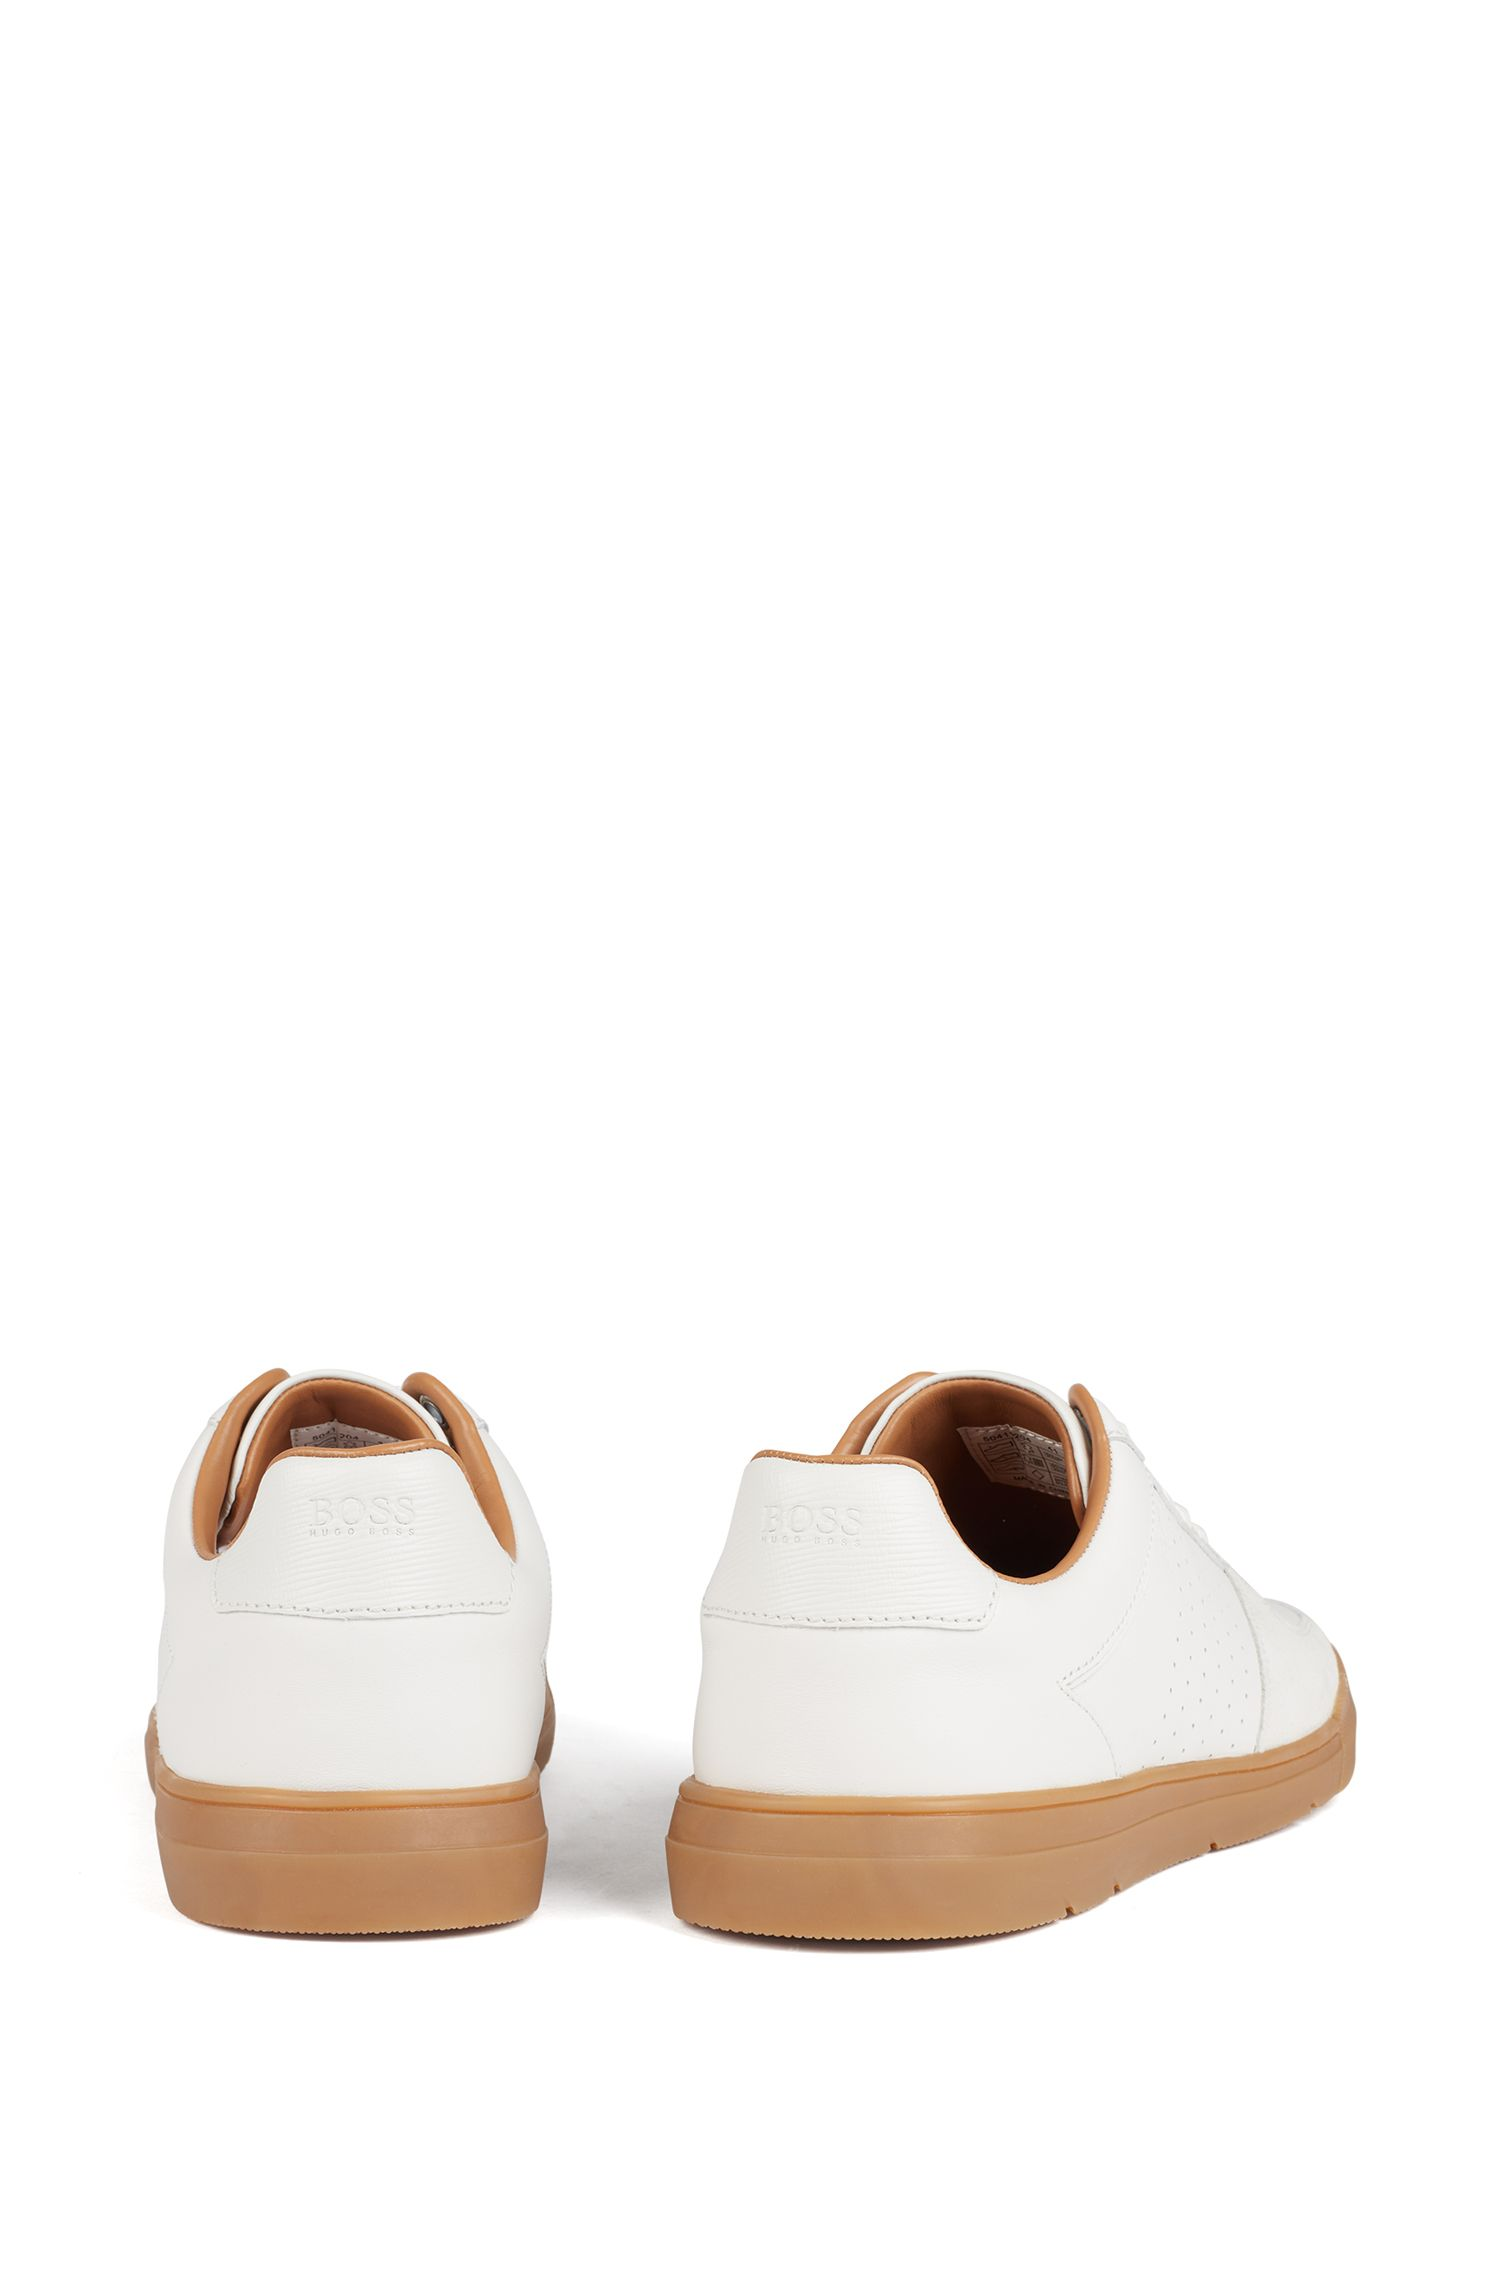 Lowtop Sneakers aus Velours- und Nappaleder, Weiß